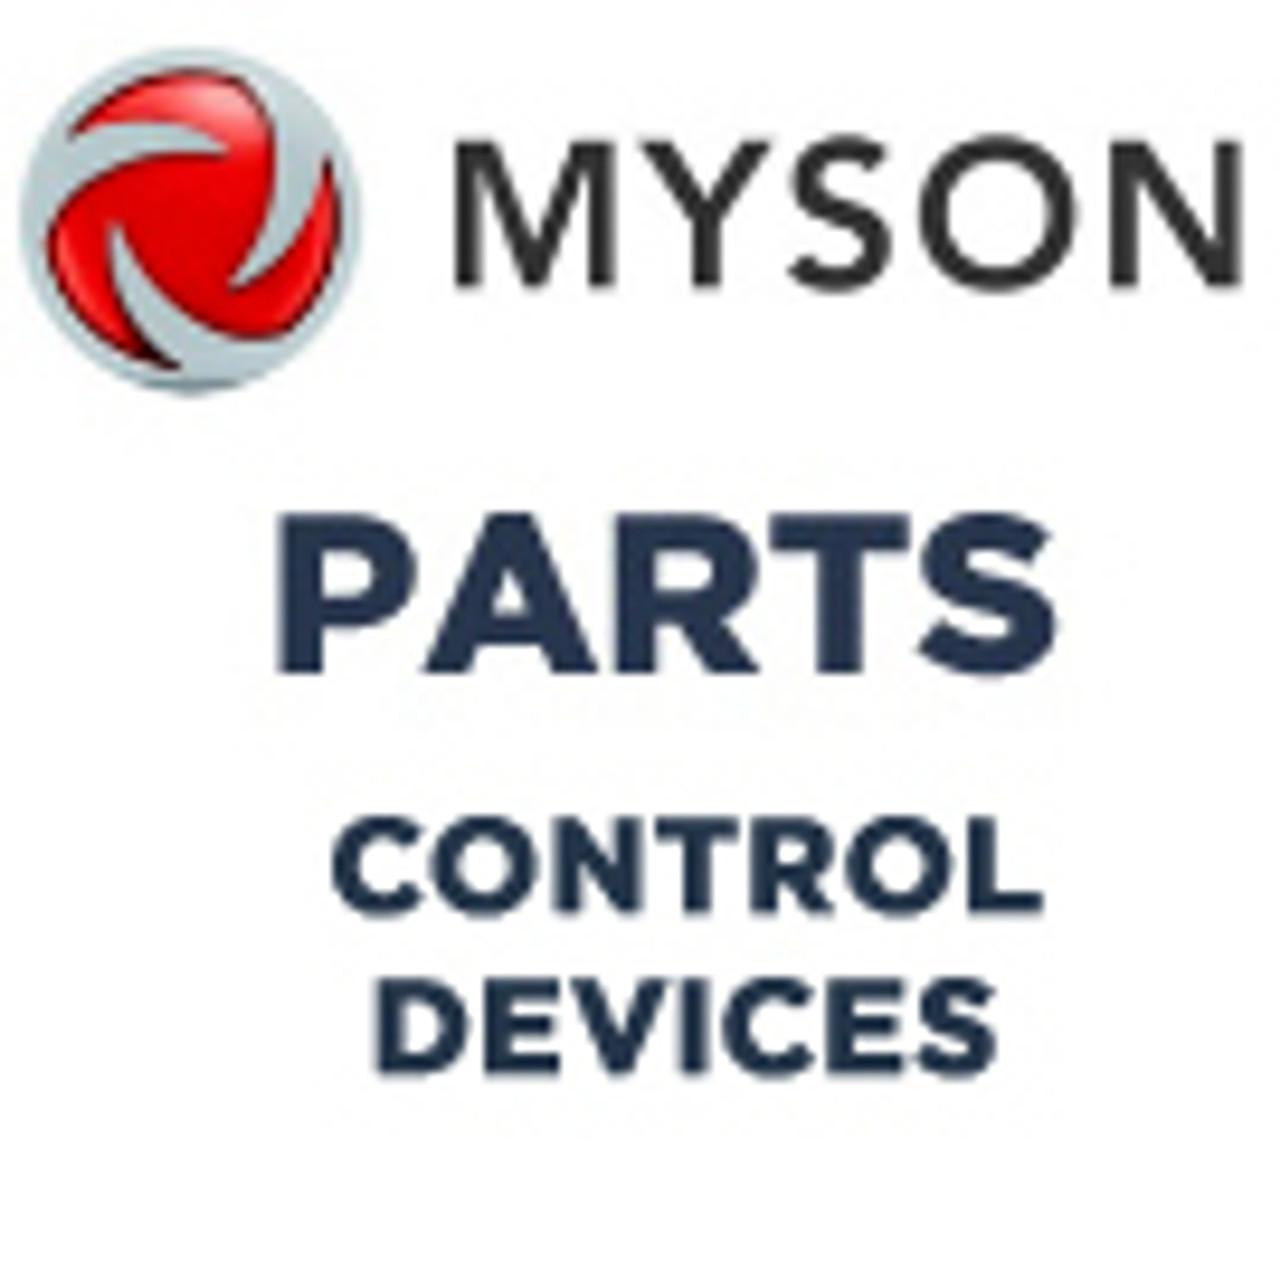 Myson Control Devices Parts